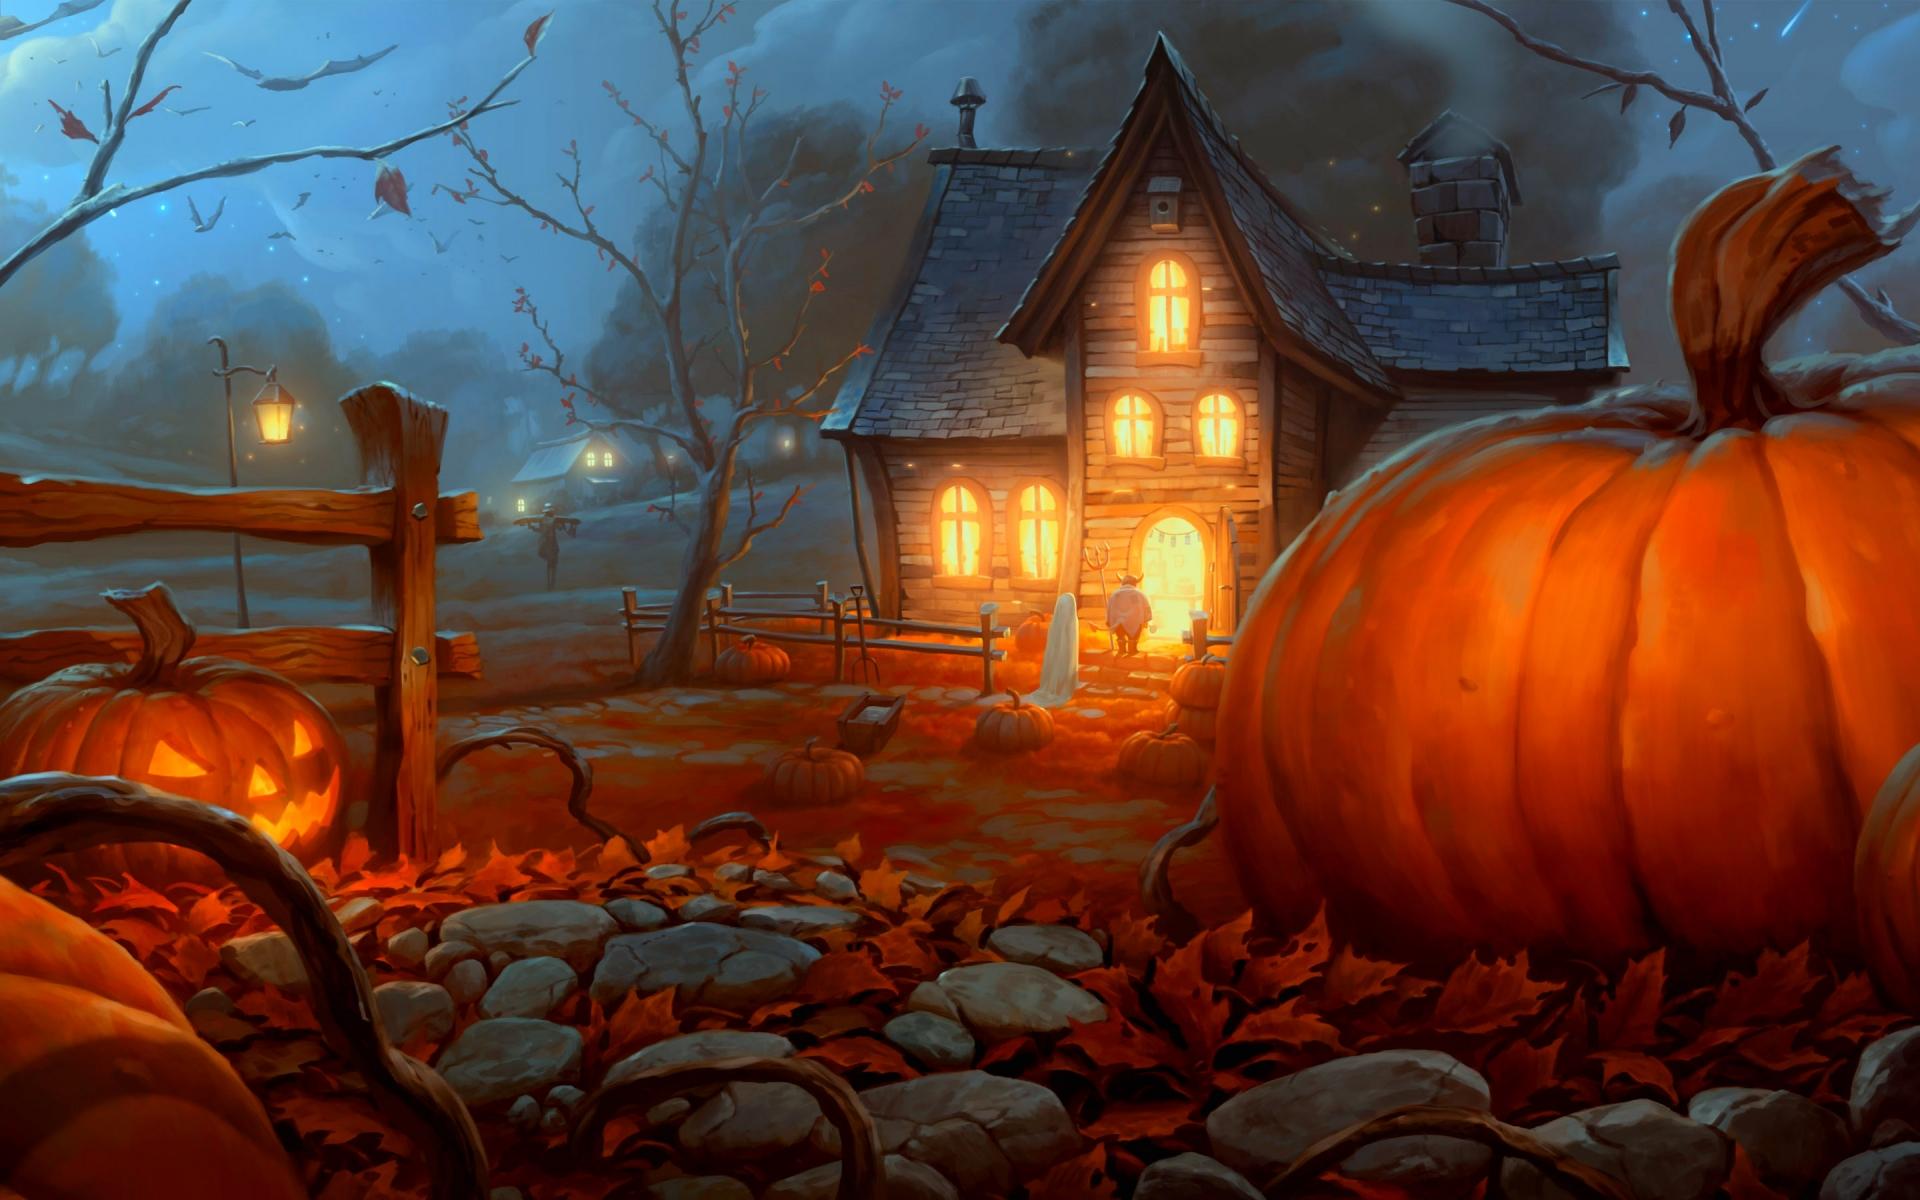 download Halloween Backgrounds for desktop 1920x1200